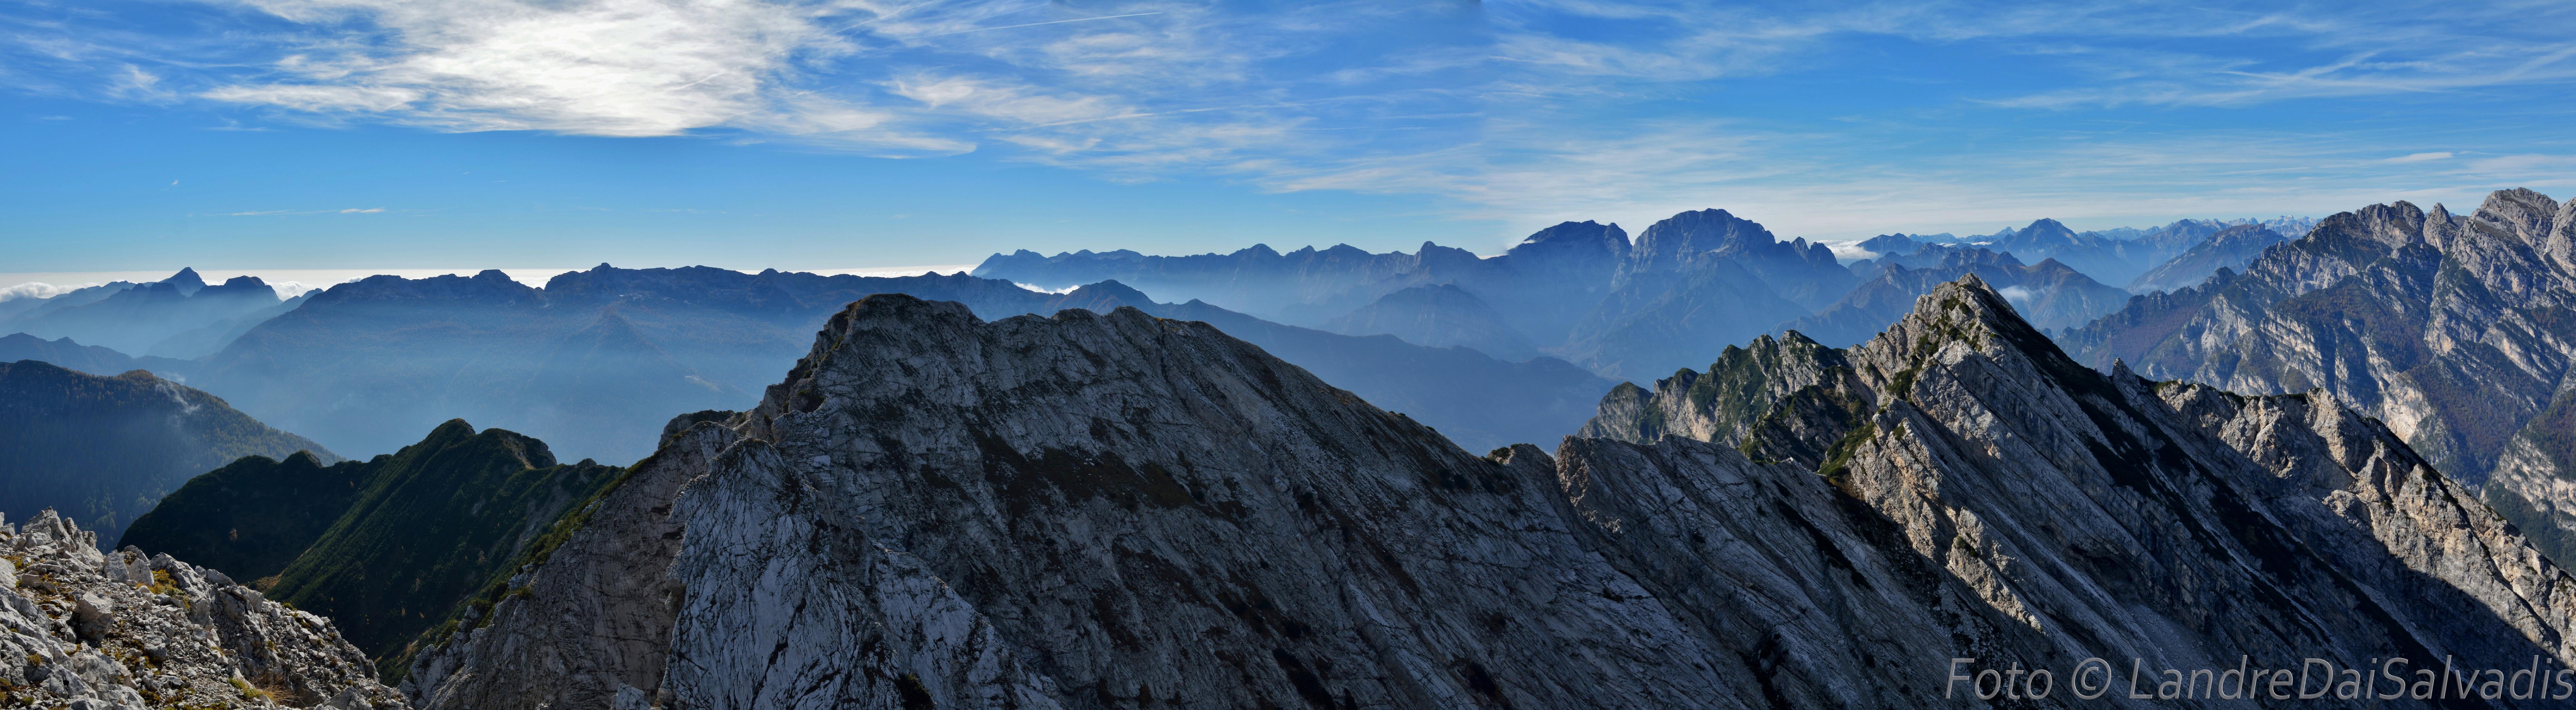 Panoramica dalla cima, da sinistra: Raut, catena del Resettum e Gruppo Cavallo - Col Nudo.